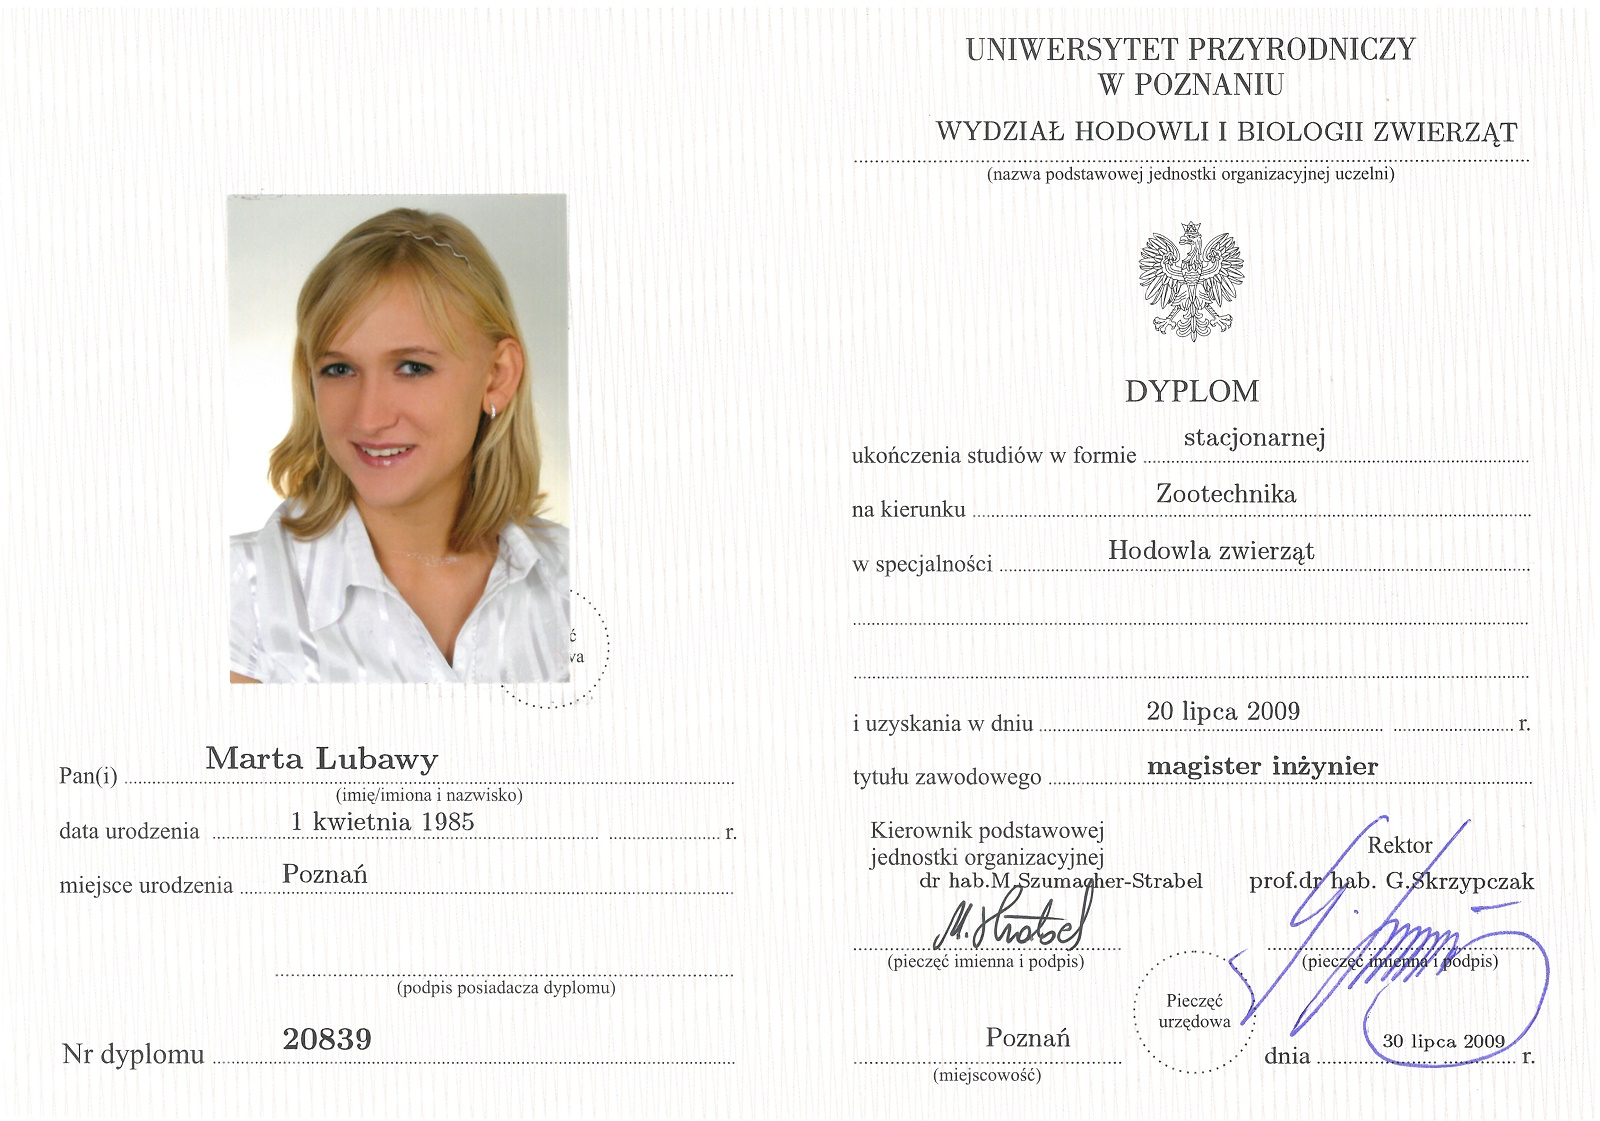 Dyplom ukończenia studiów na kierunku Zootechnika